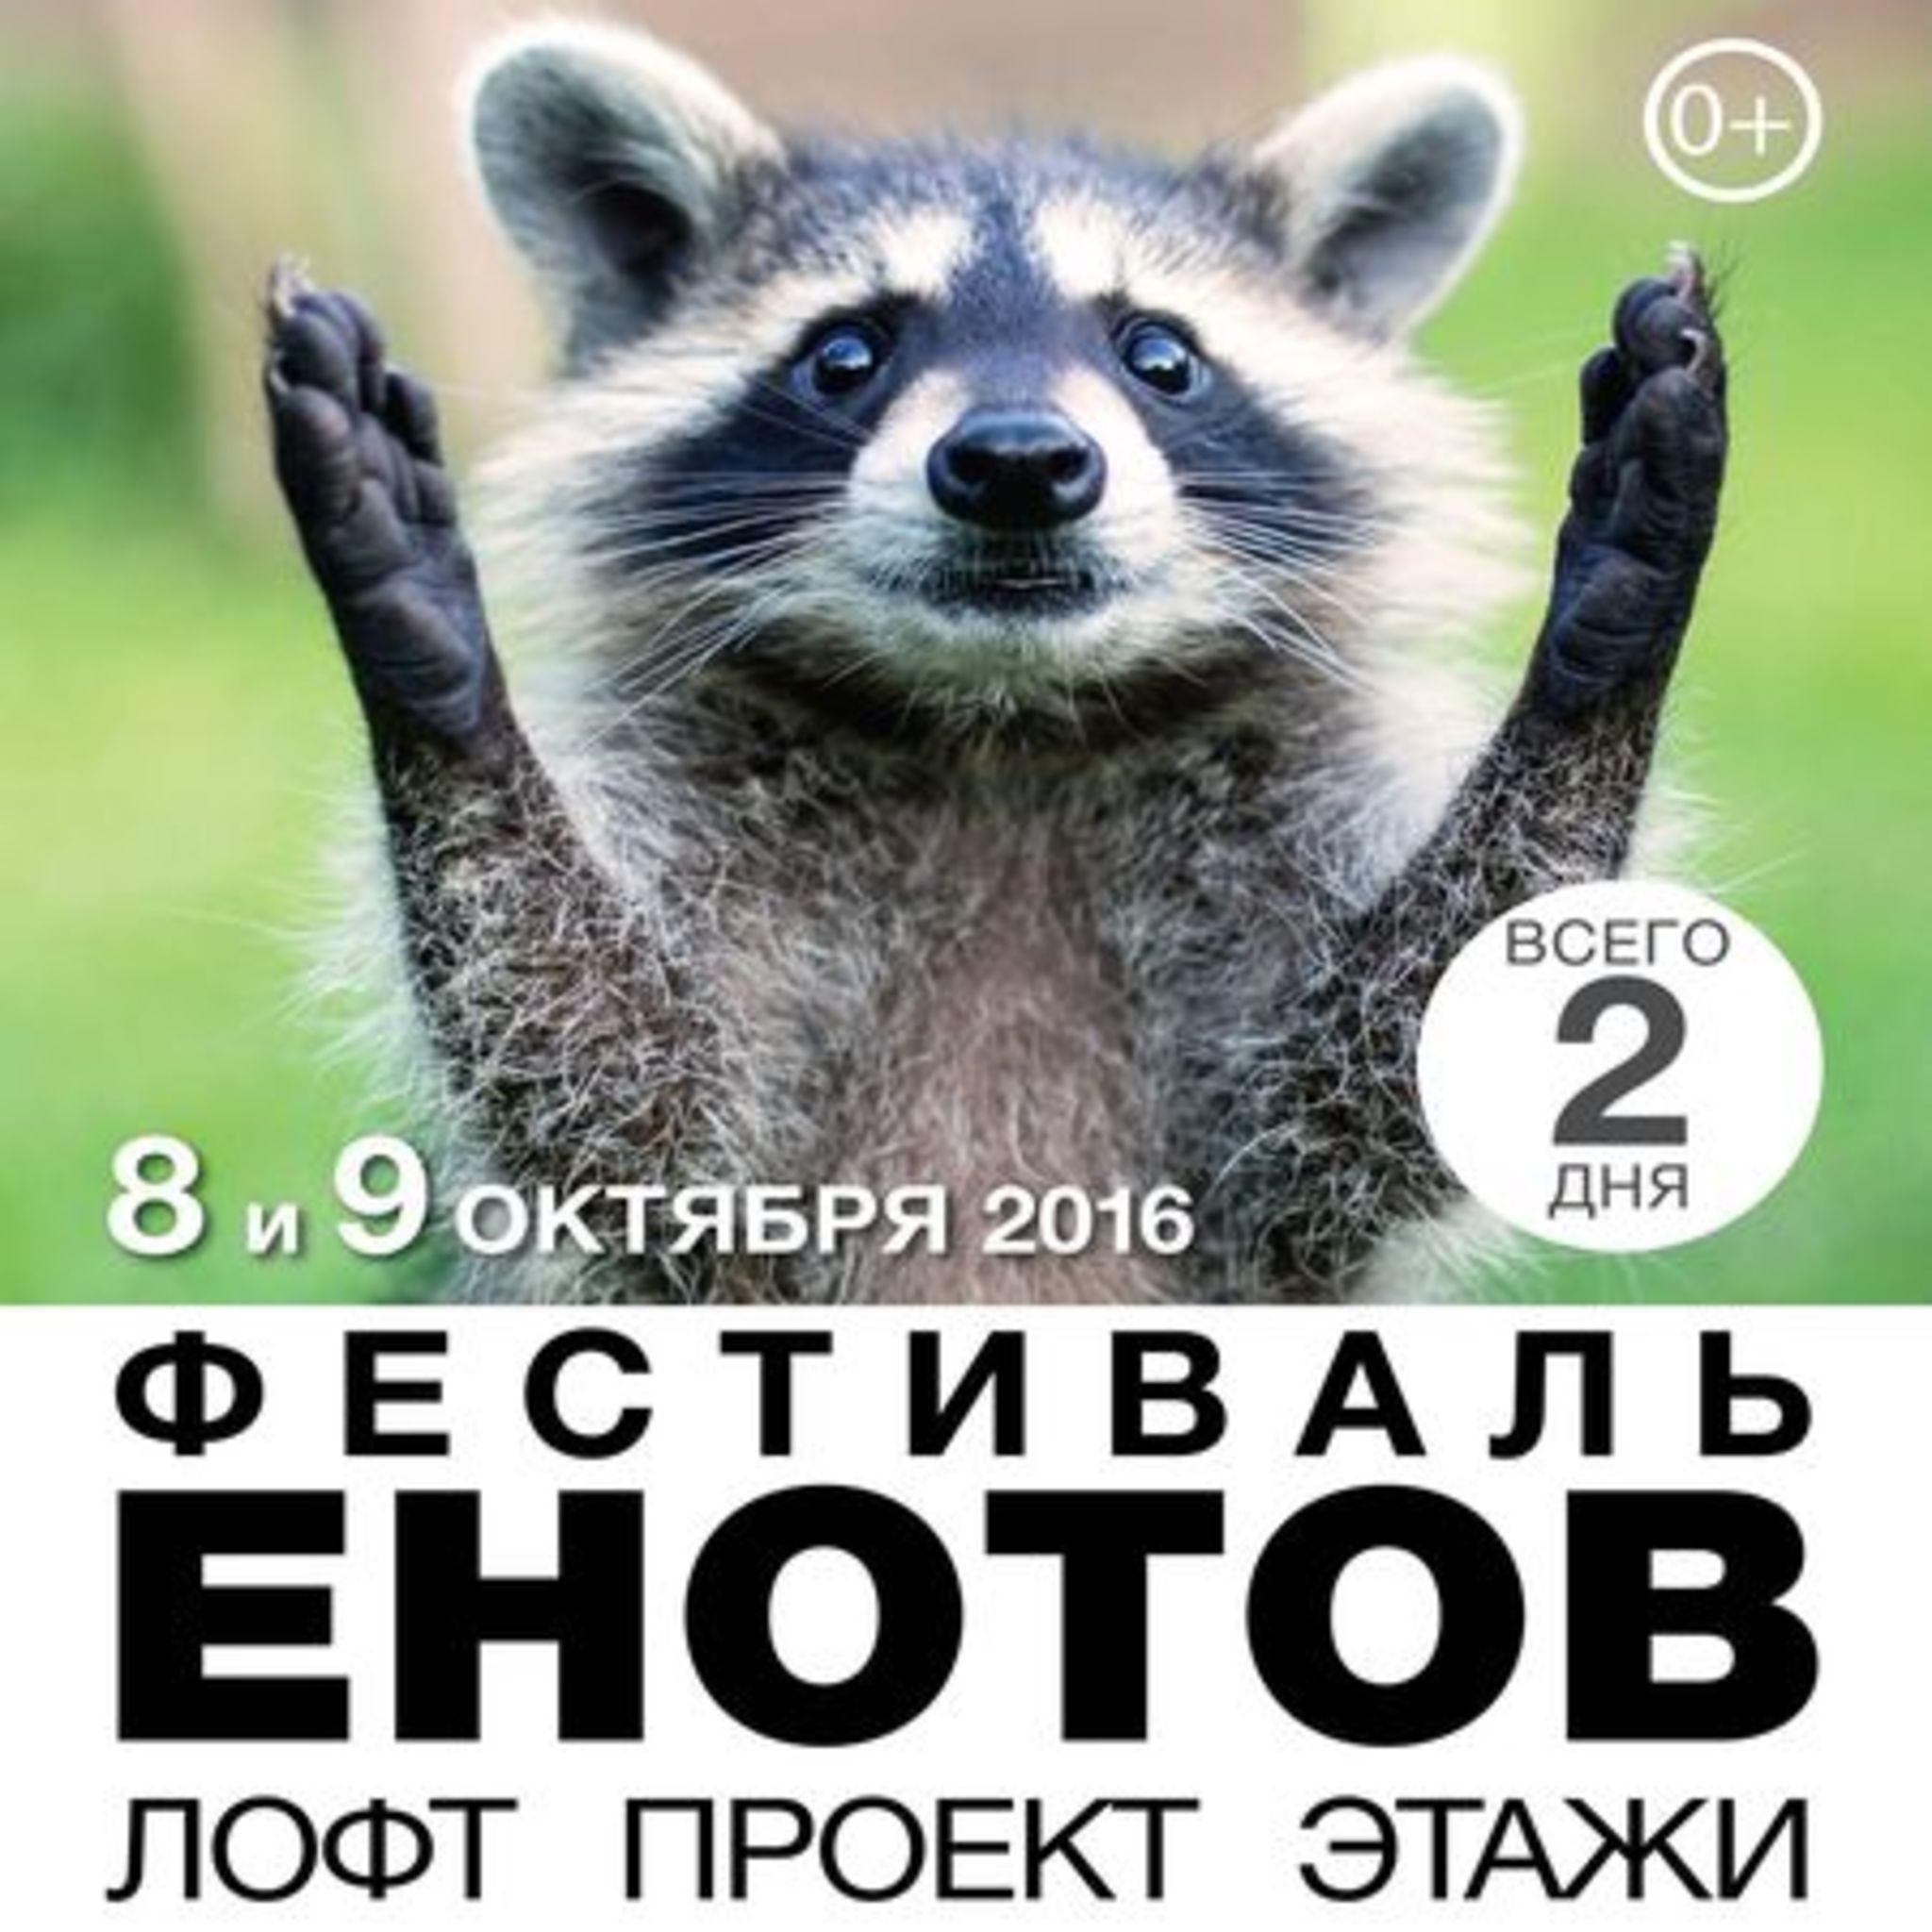 Фестиваль Енотов Лофт Проект ЭТАЖИ